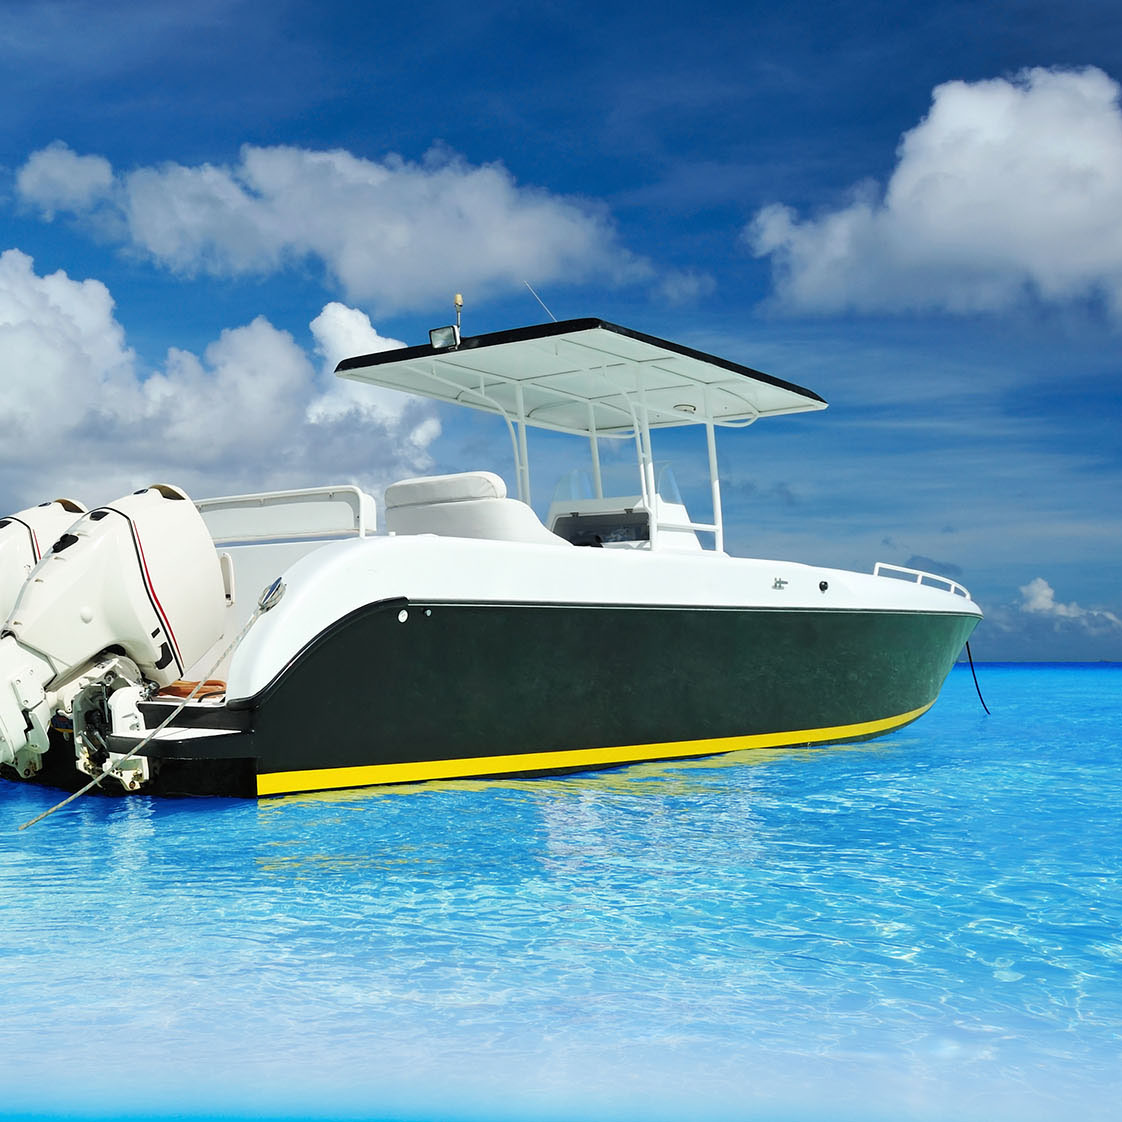 BoatLife